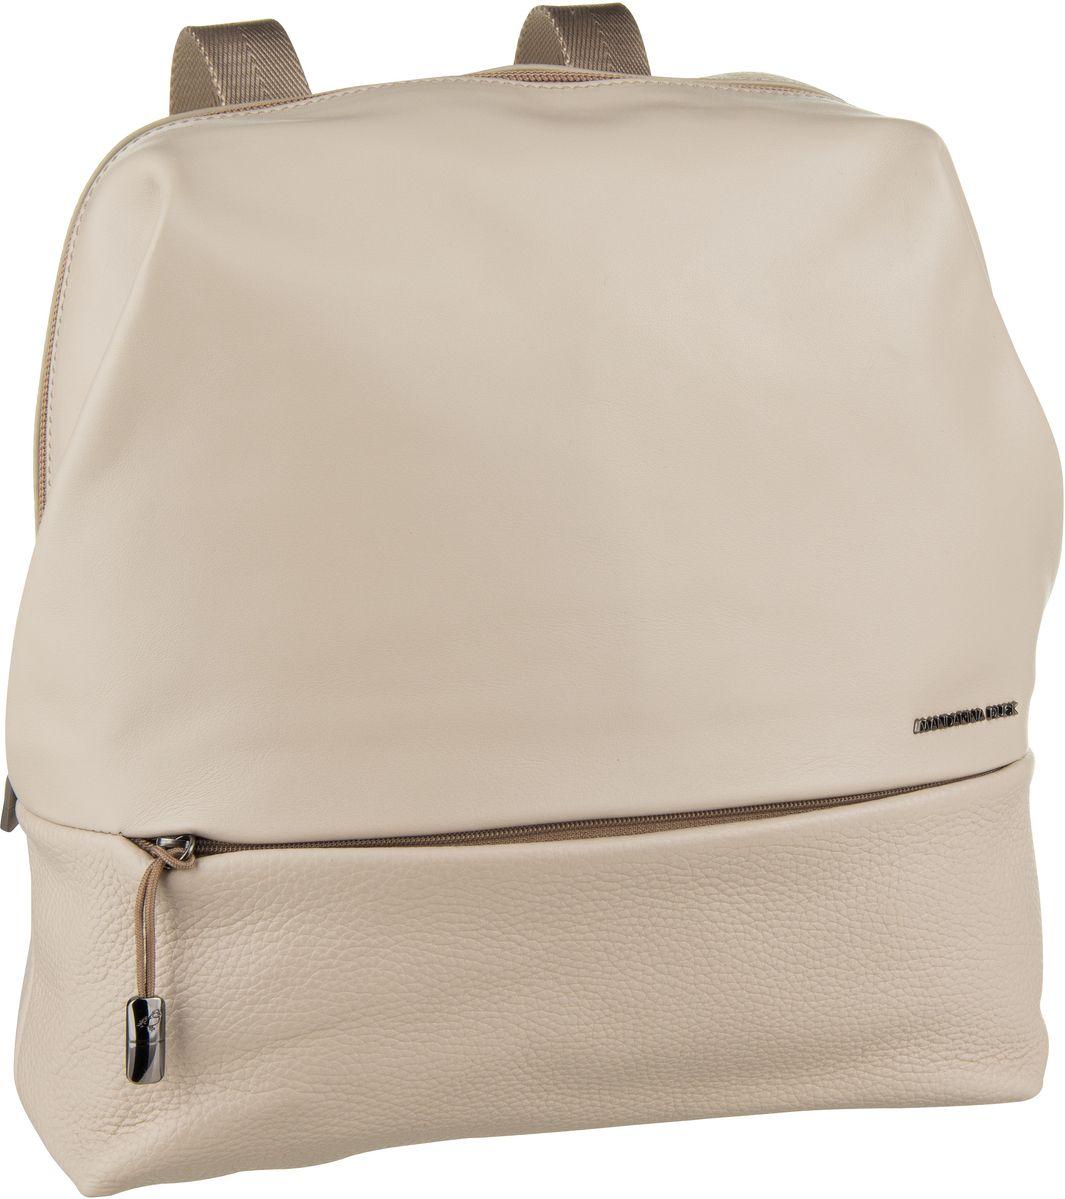 Rucksack / Daypack Athena XS Backpack UPT11 Soul